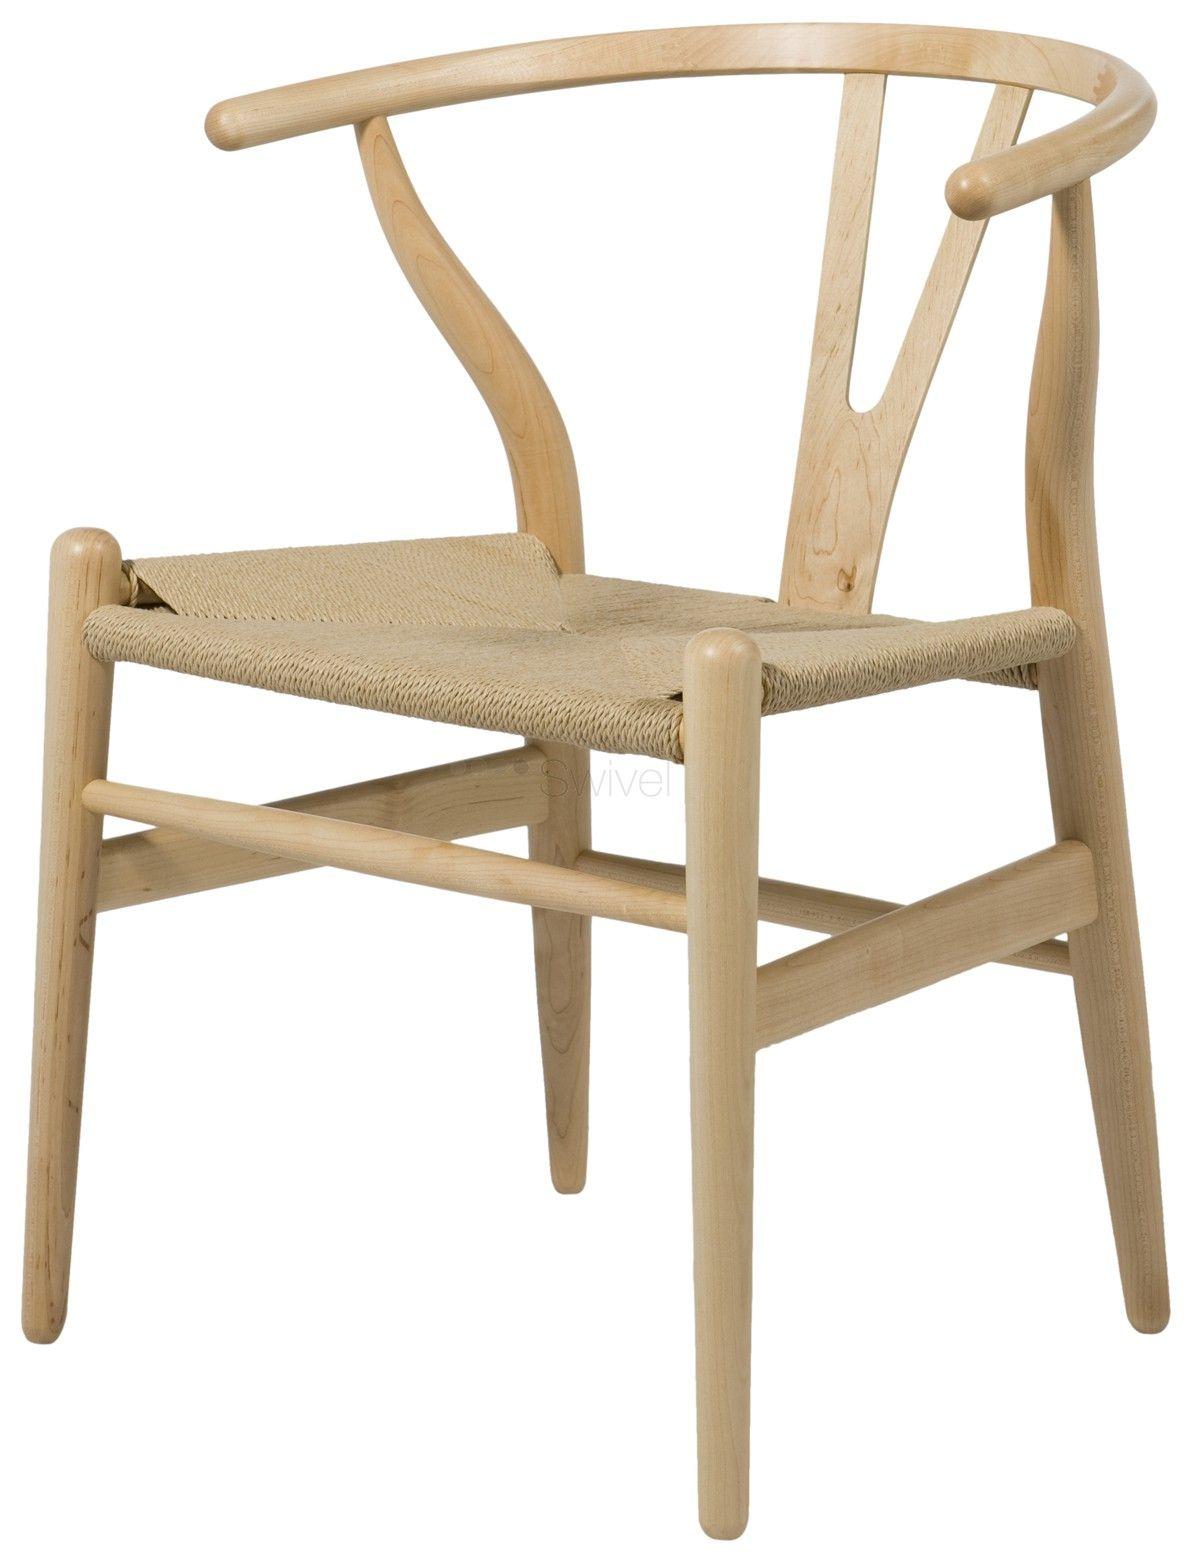 The Wishbone Chair Hans wegner wishbone chair google search chairs pinterest hans wegner wishbone chair google search sisterspd